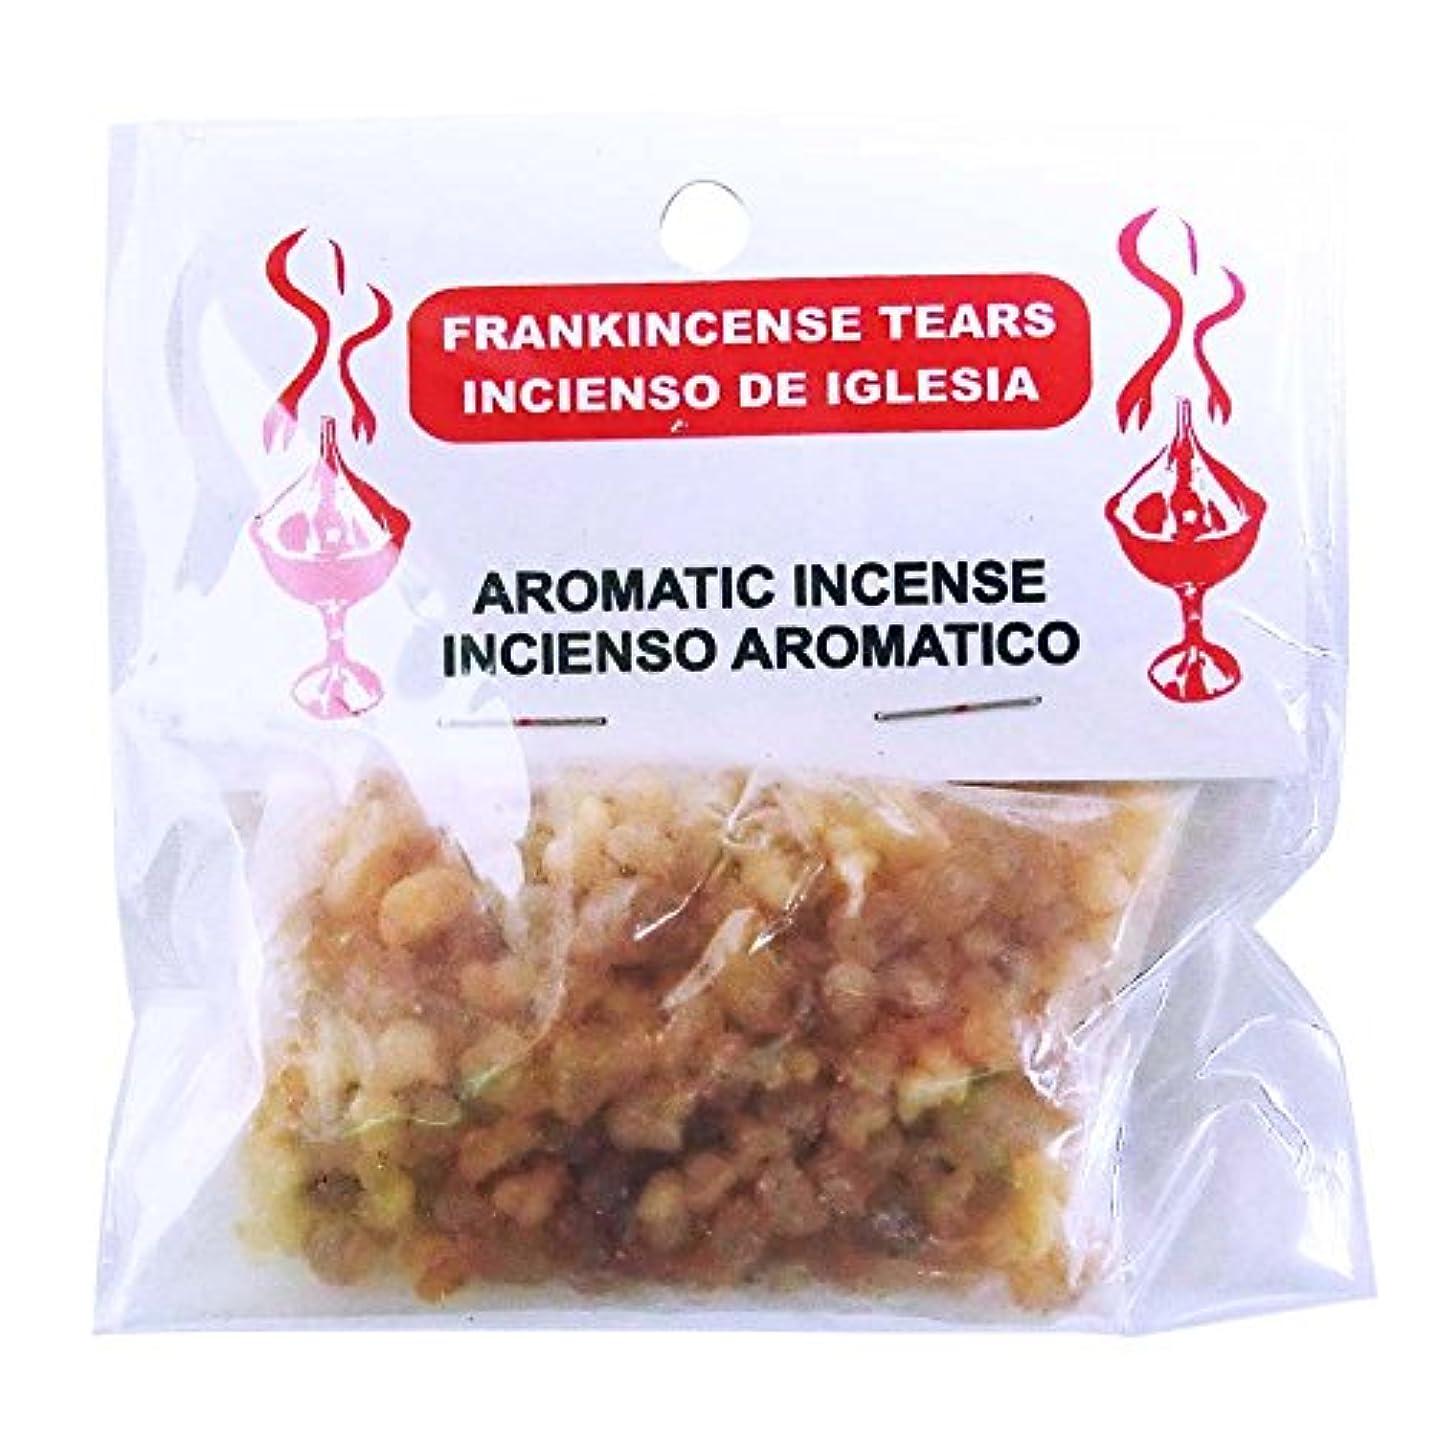 非武装化大学北3KINGS Resin Incense(ヨルダンの聖別香) Frankincense Tears